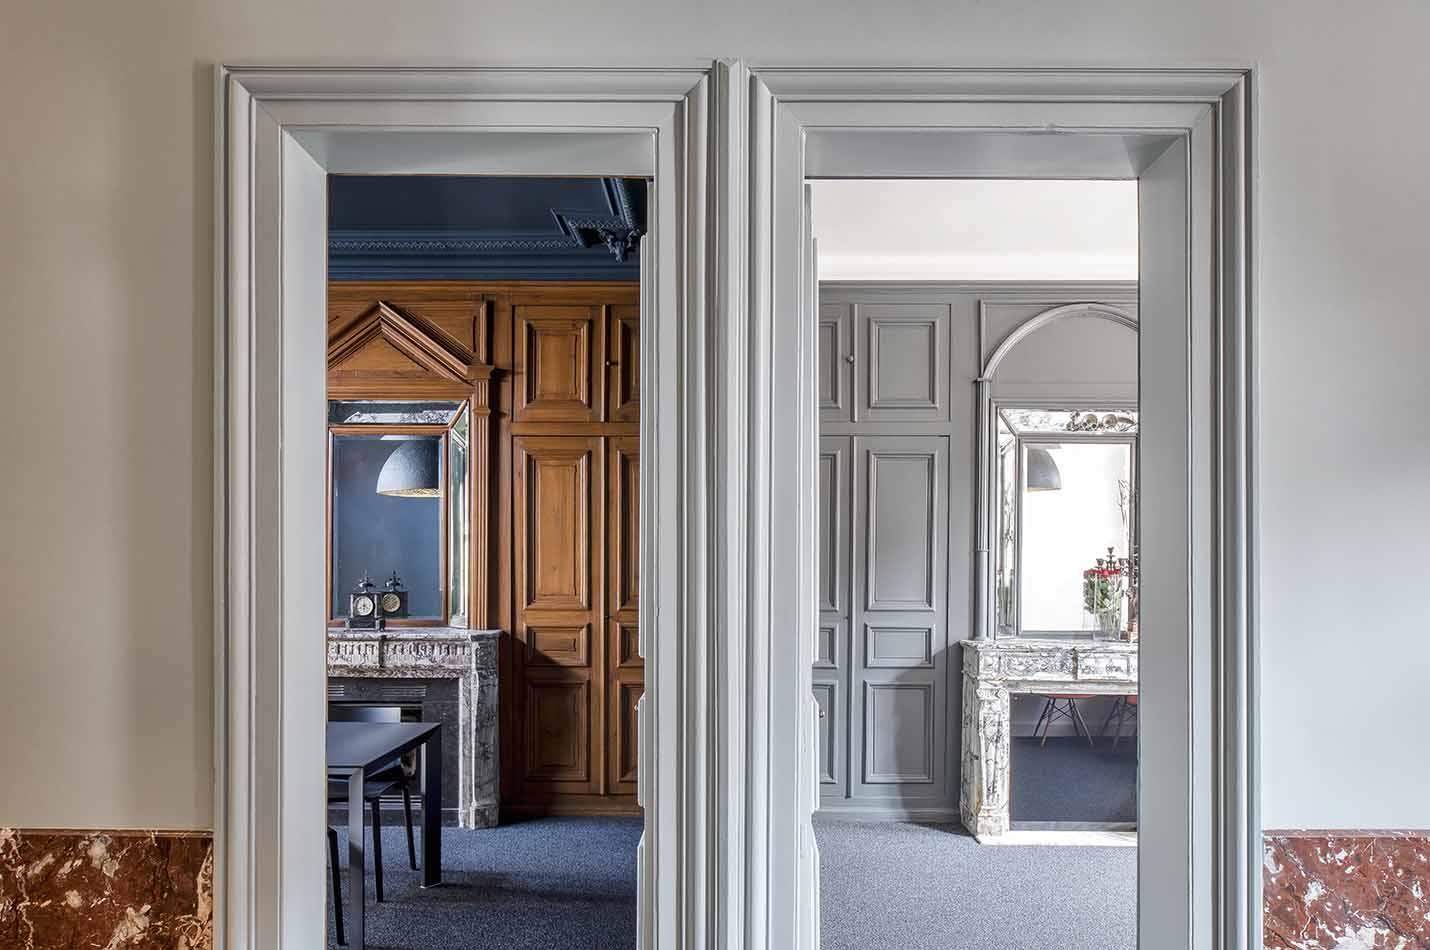 Architecte lille plux architecte lille atelier d for Renovation maison de maitre